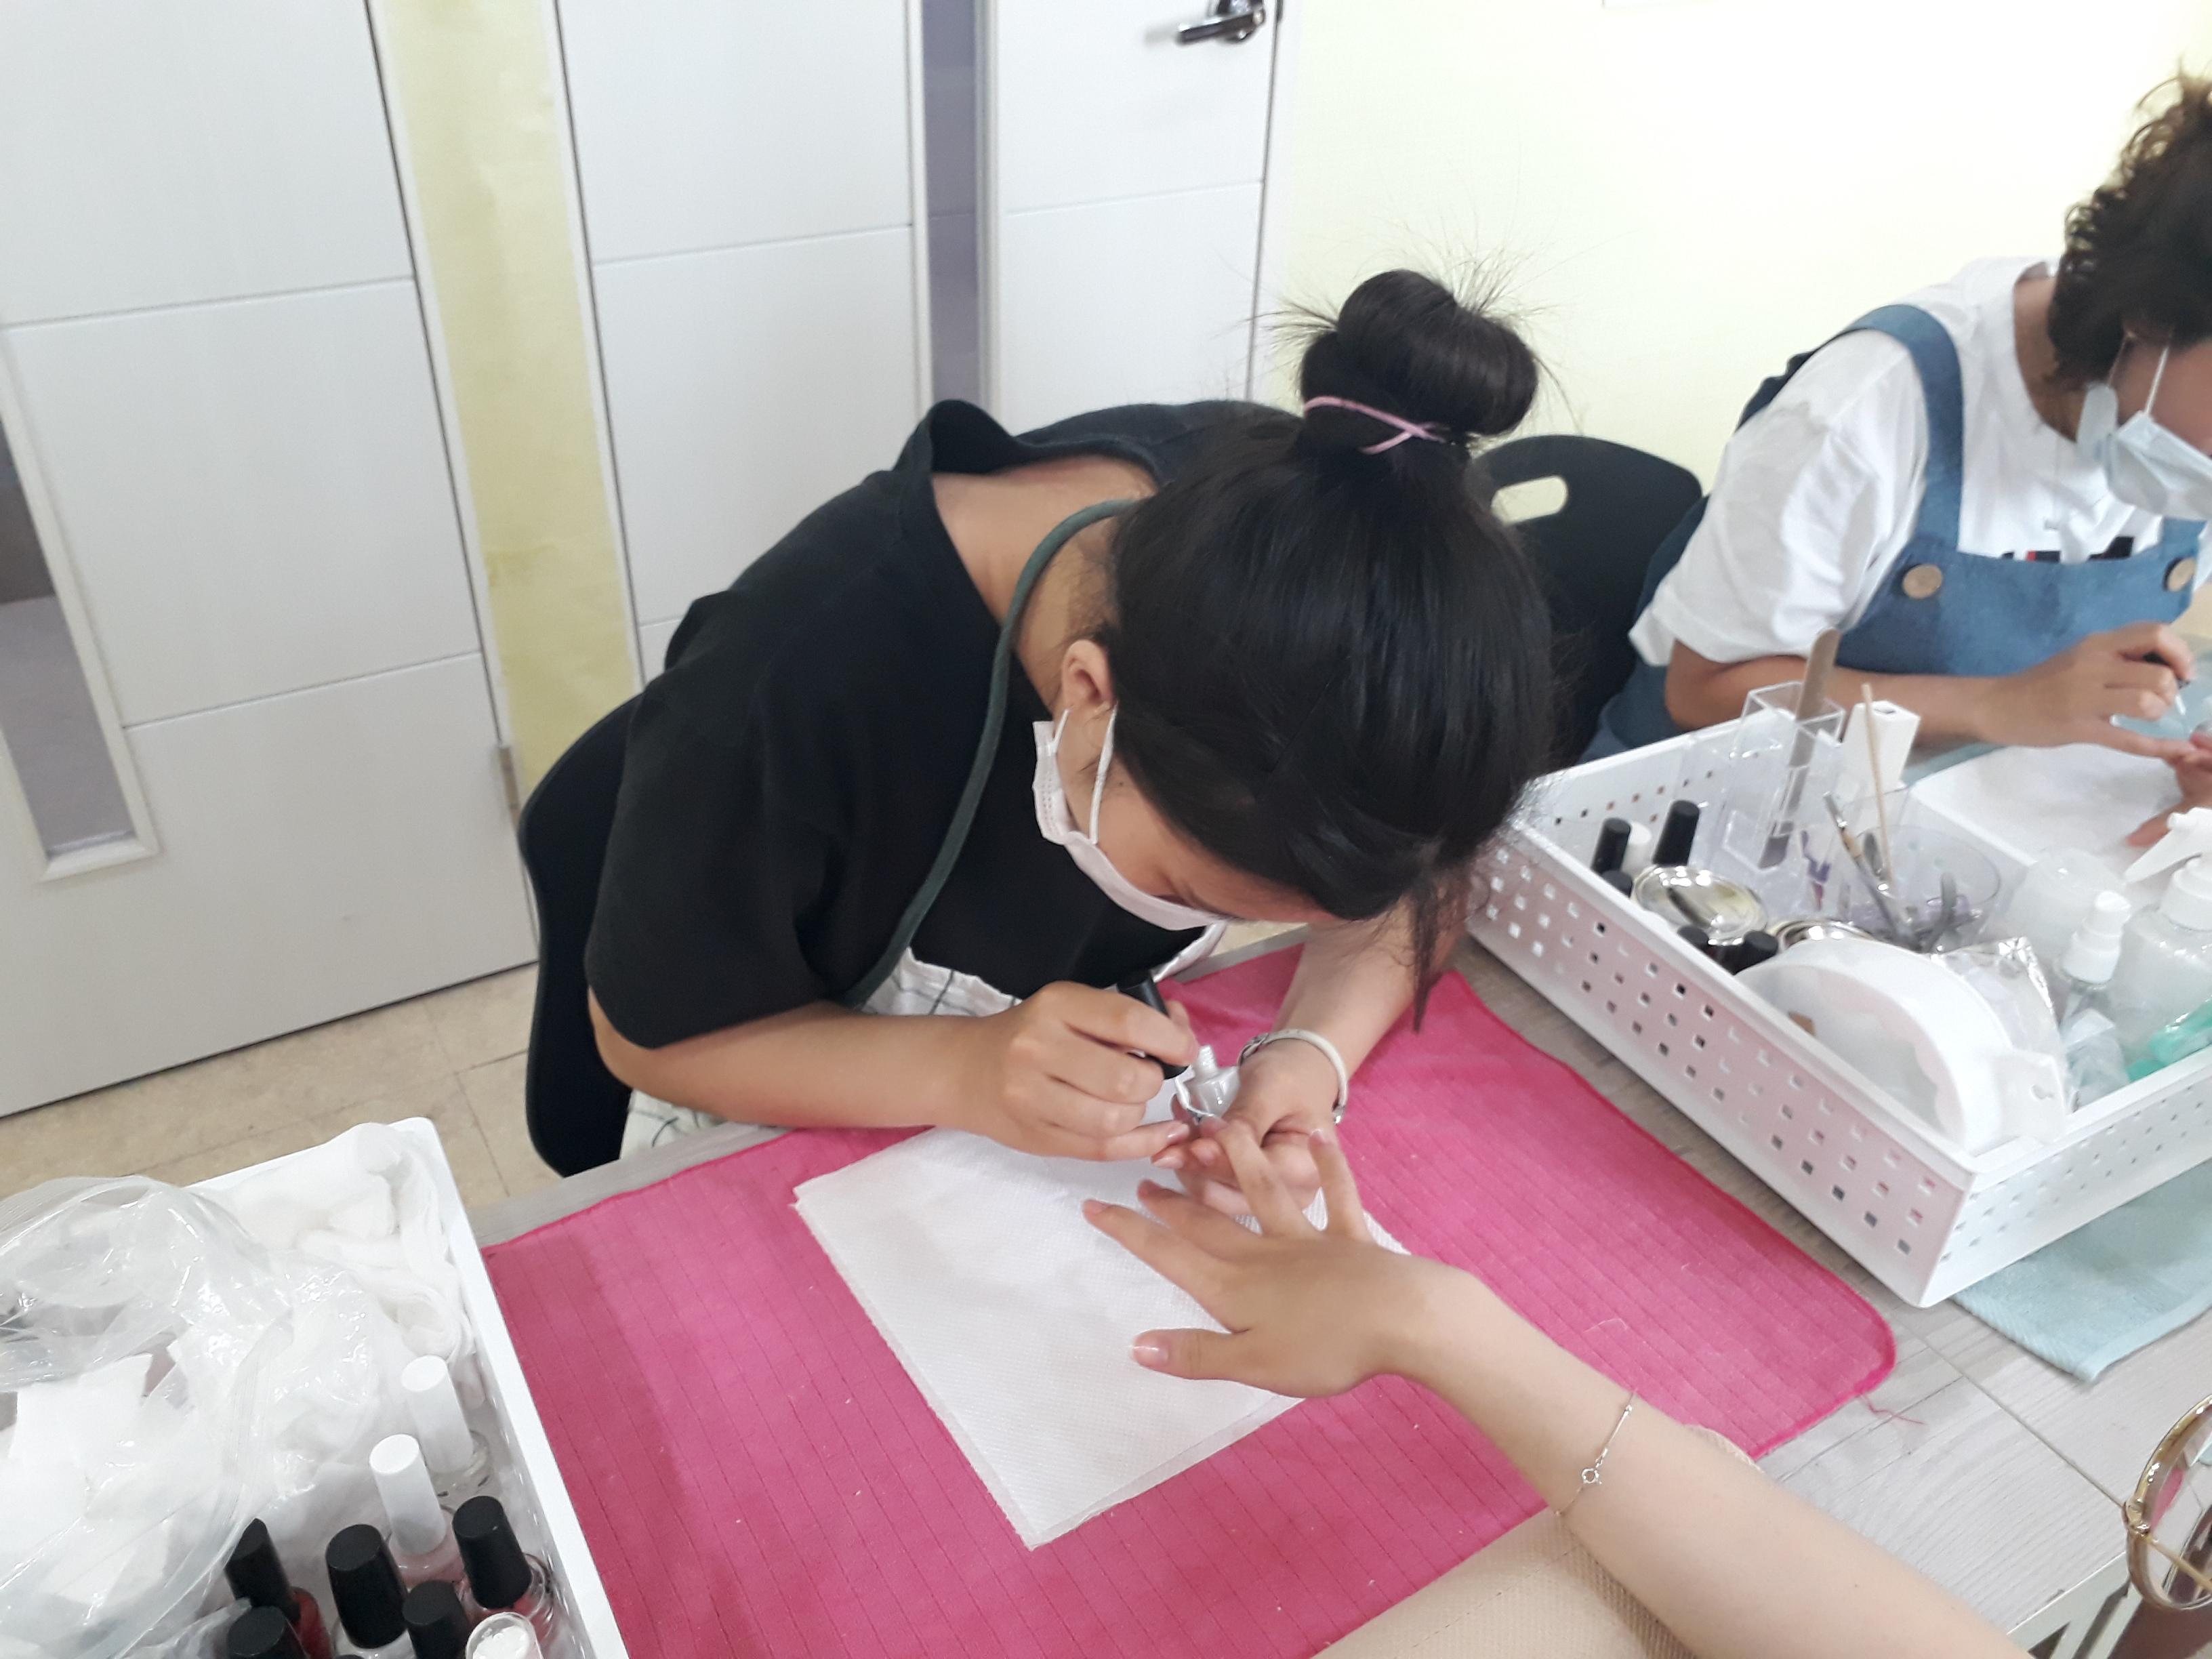 프렌치 수업중 연습하는 학생